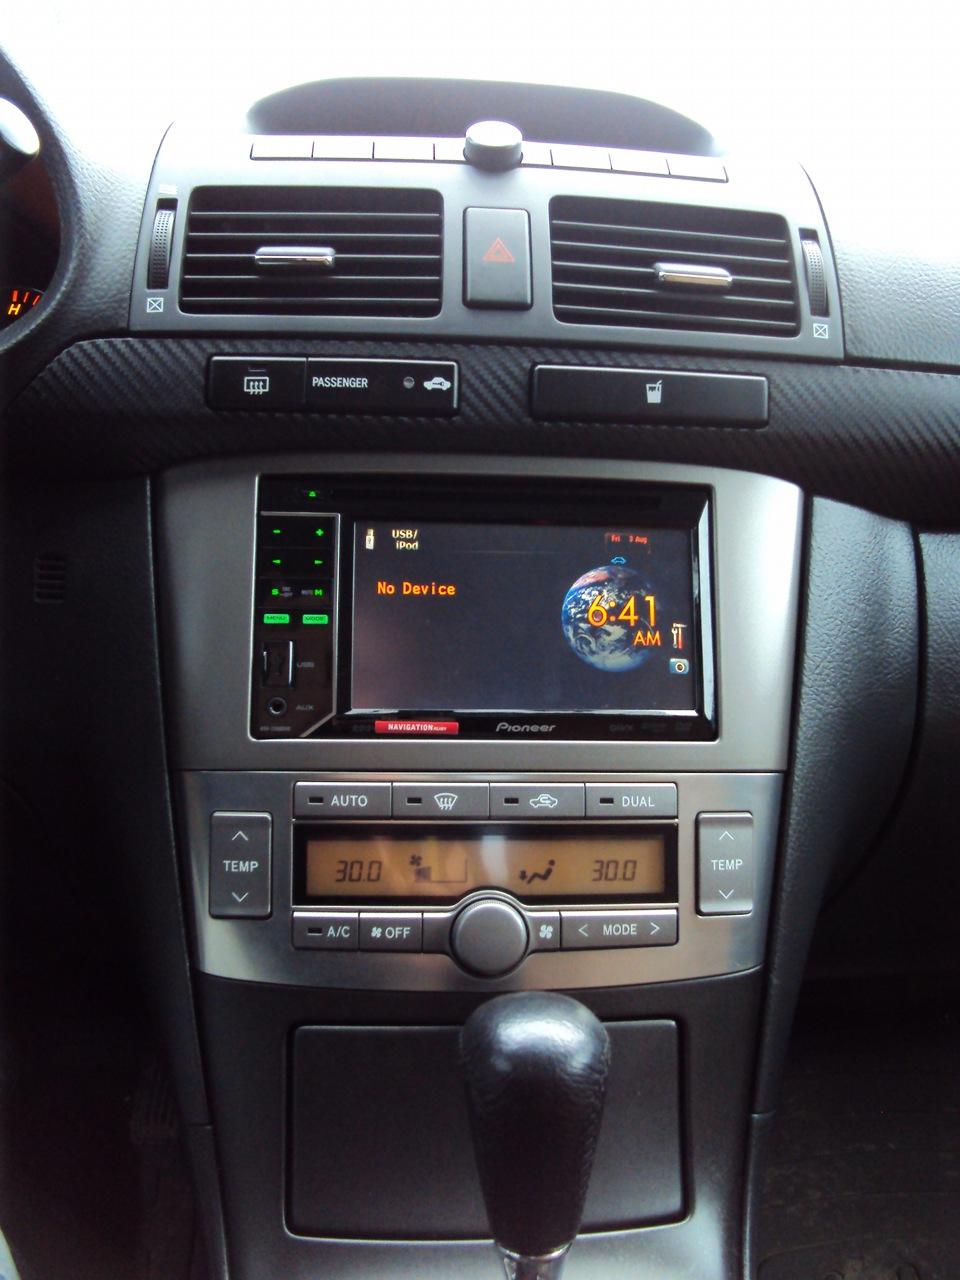 Ремонт авто своими руками: статьи, инструкции, видео ...